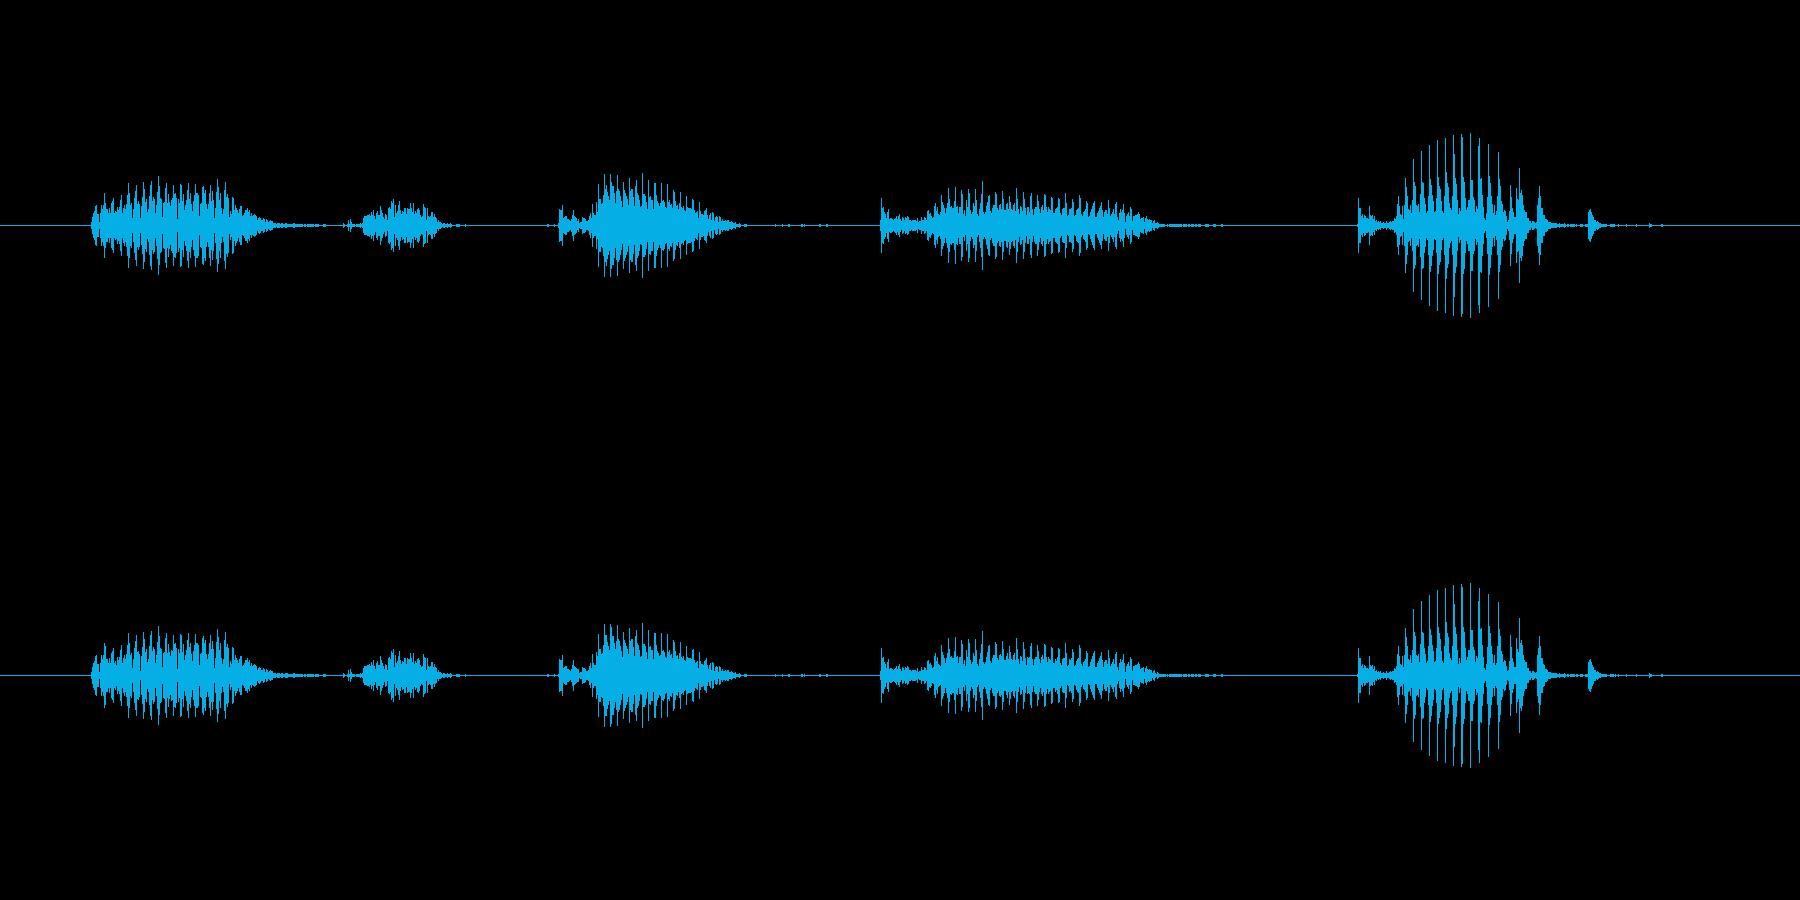 【日数・経過】5日経過の再生済みの波形